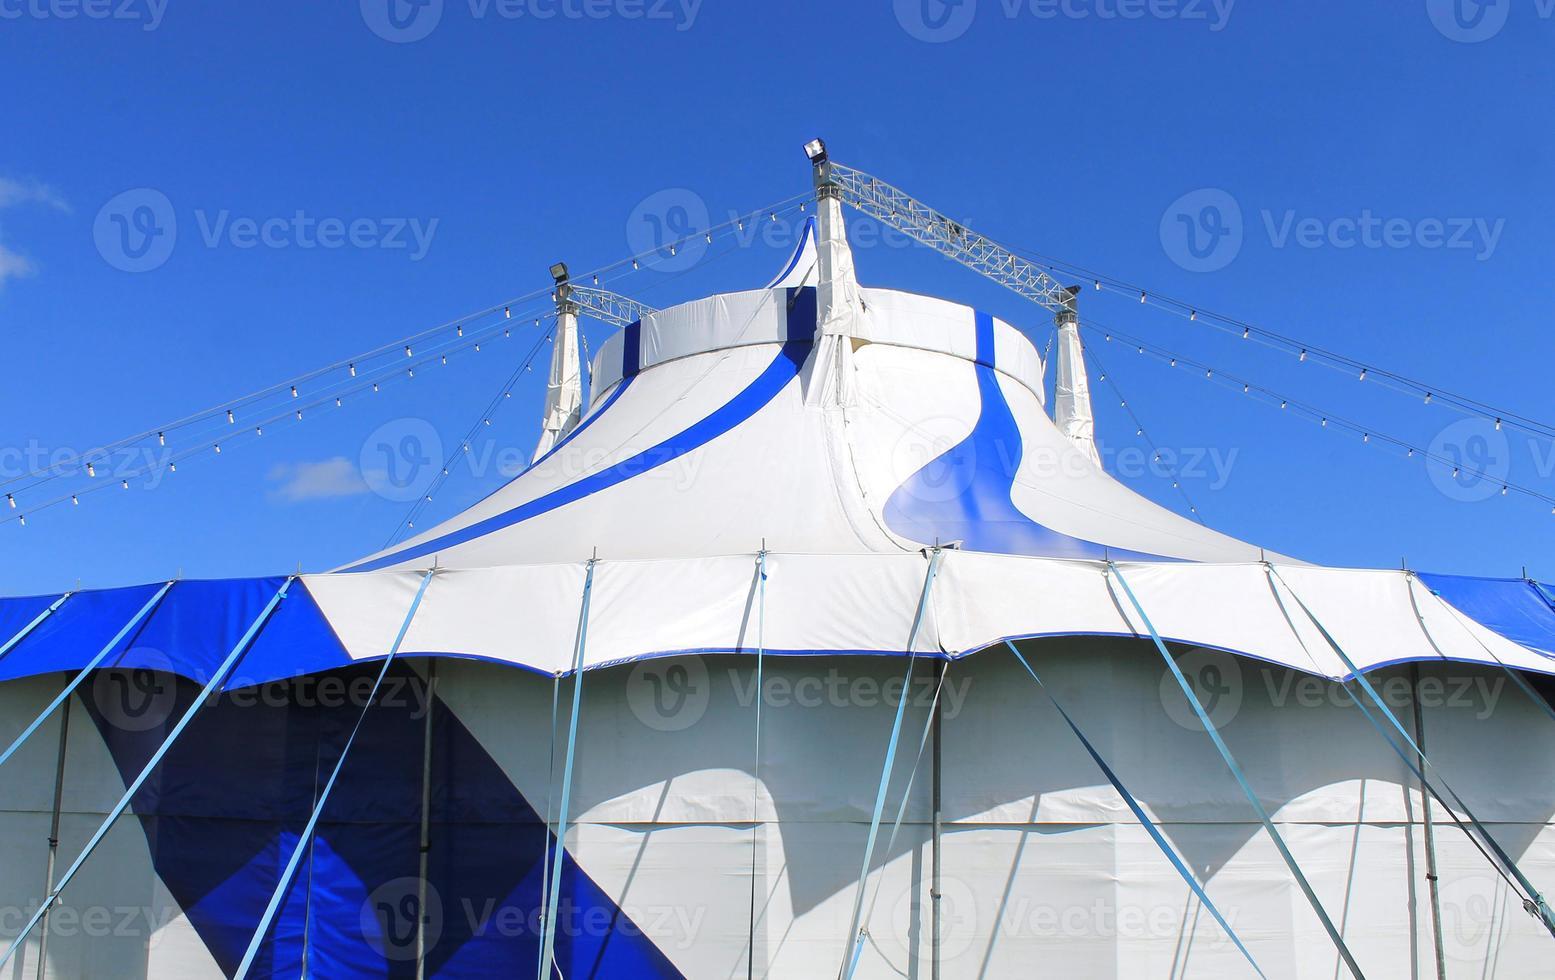 tente chapiteau bleu et blanc photo